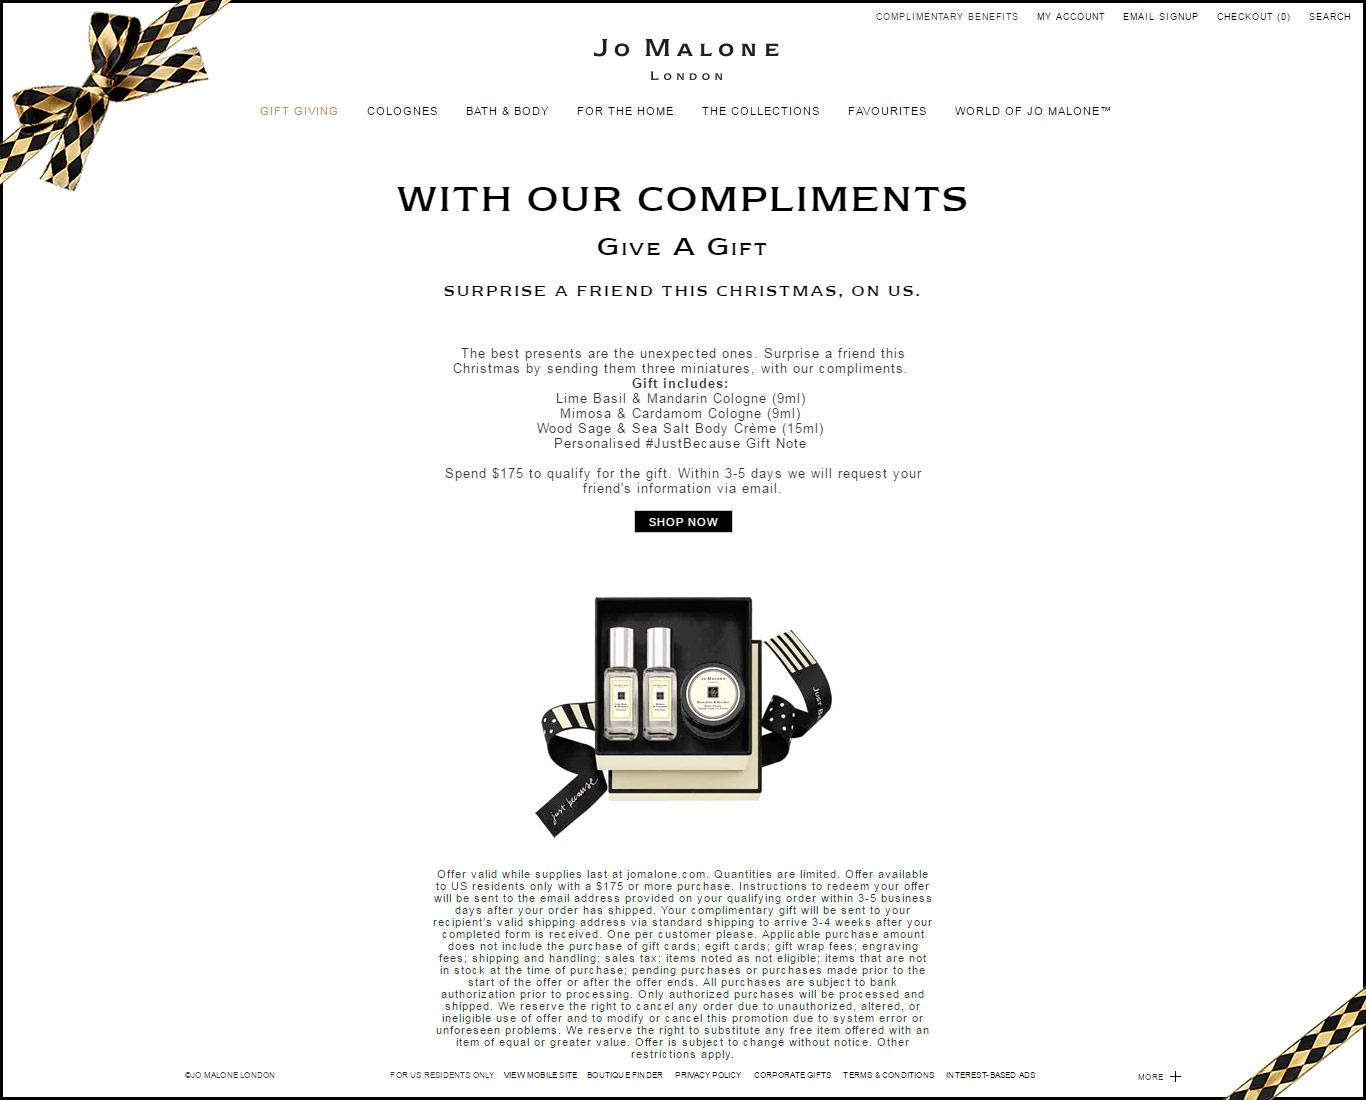 JoMalone_Landing Page